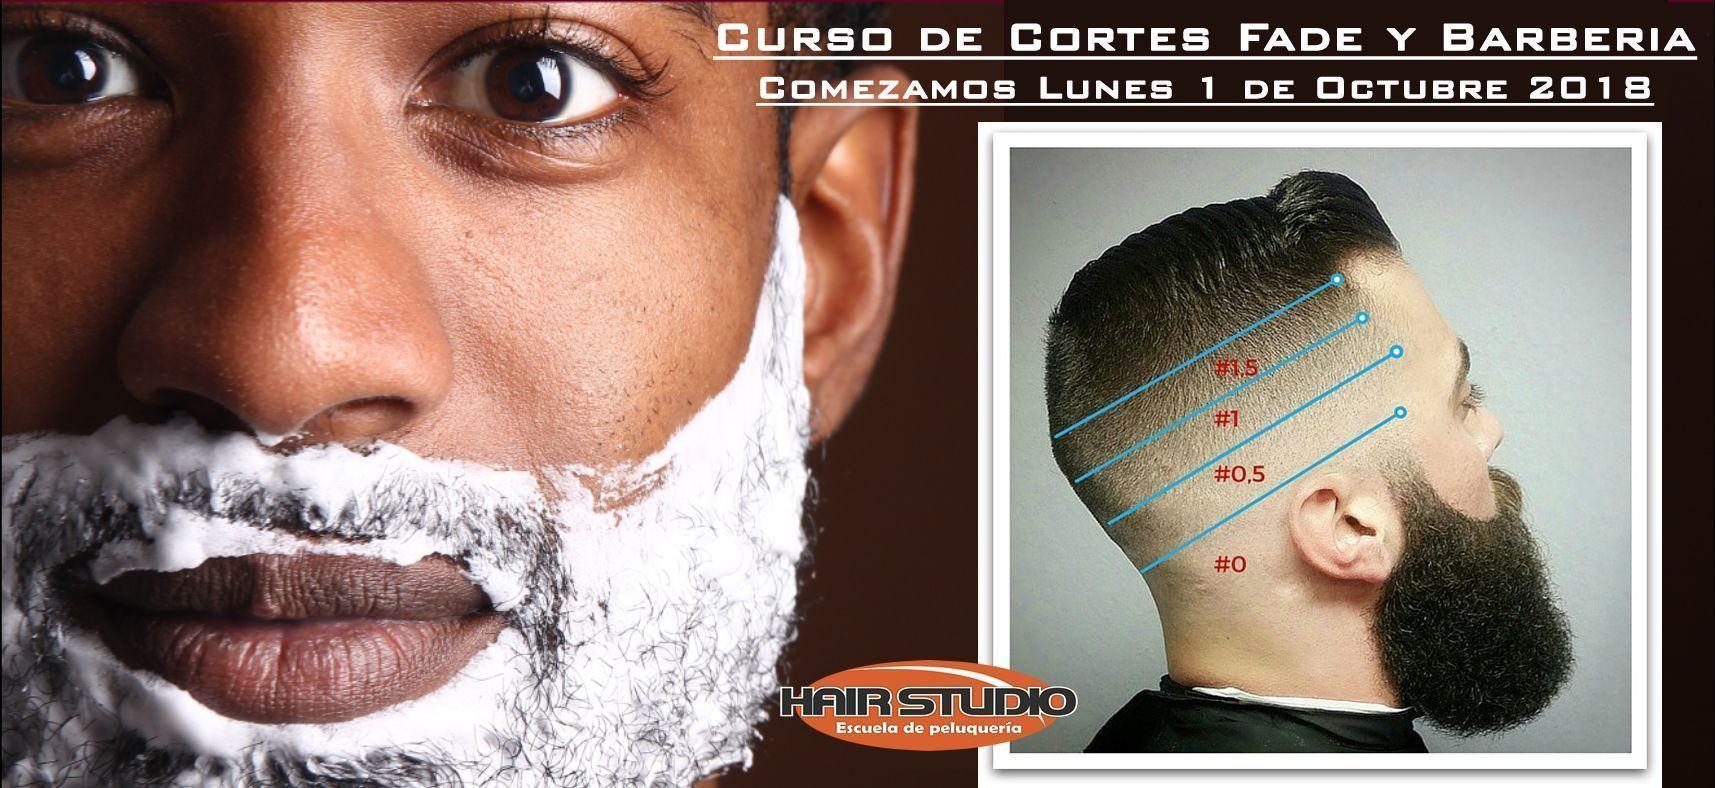 curso de cortes fade y barberia 2018